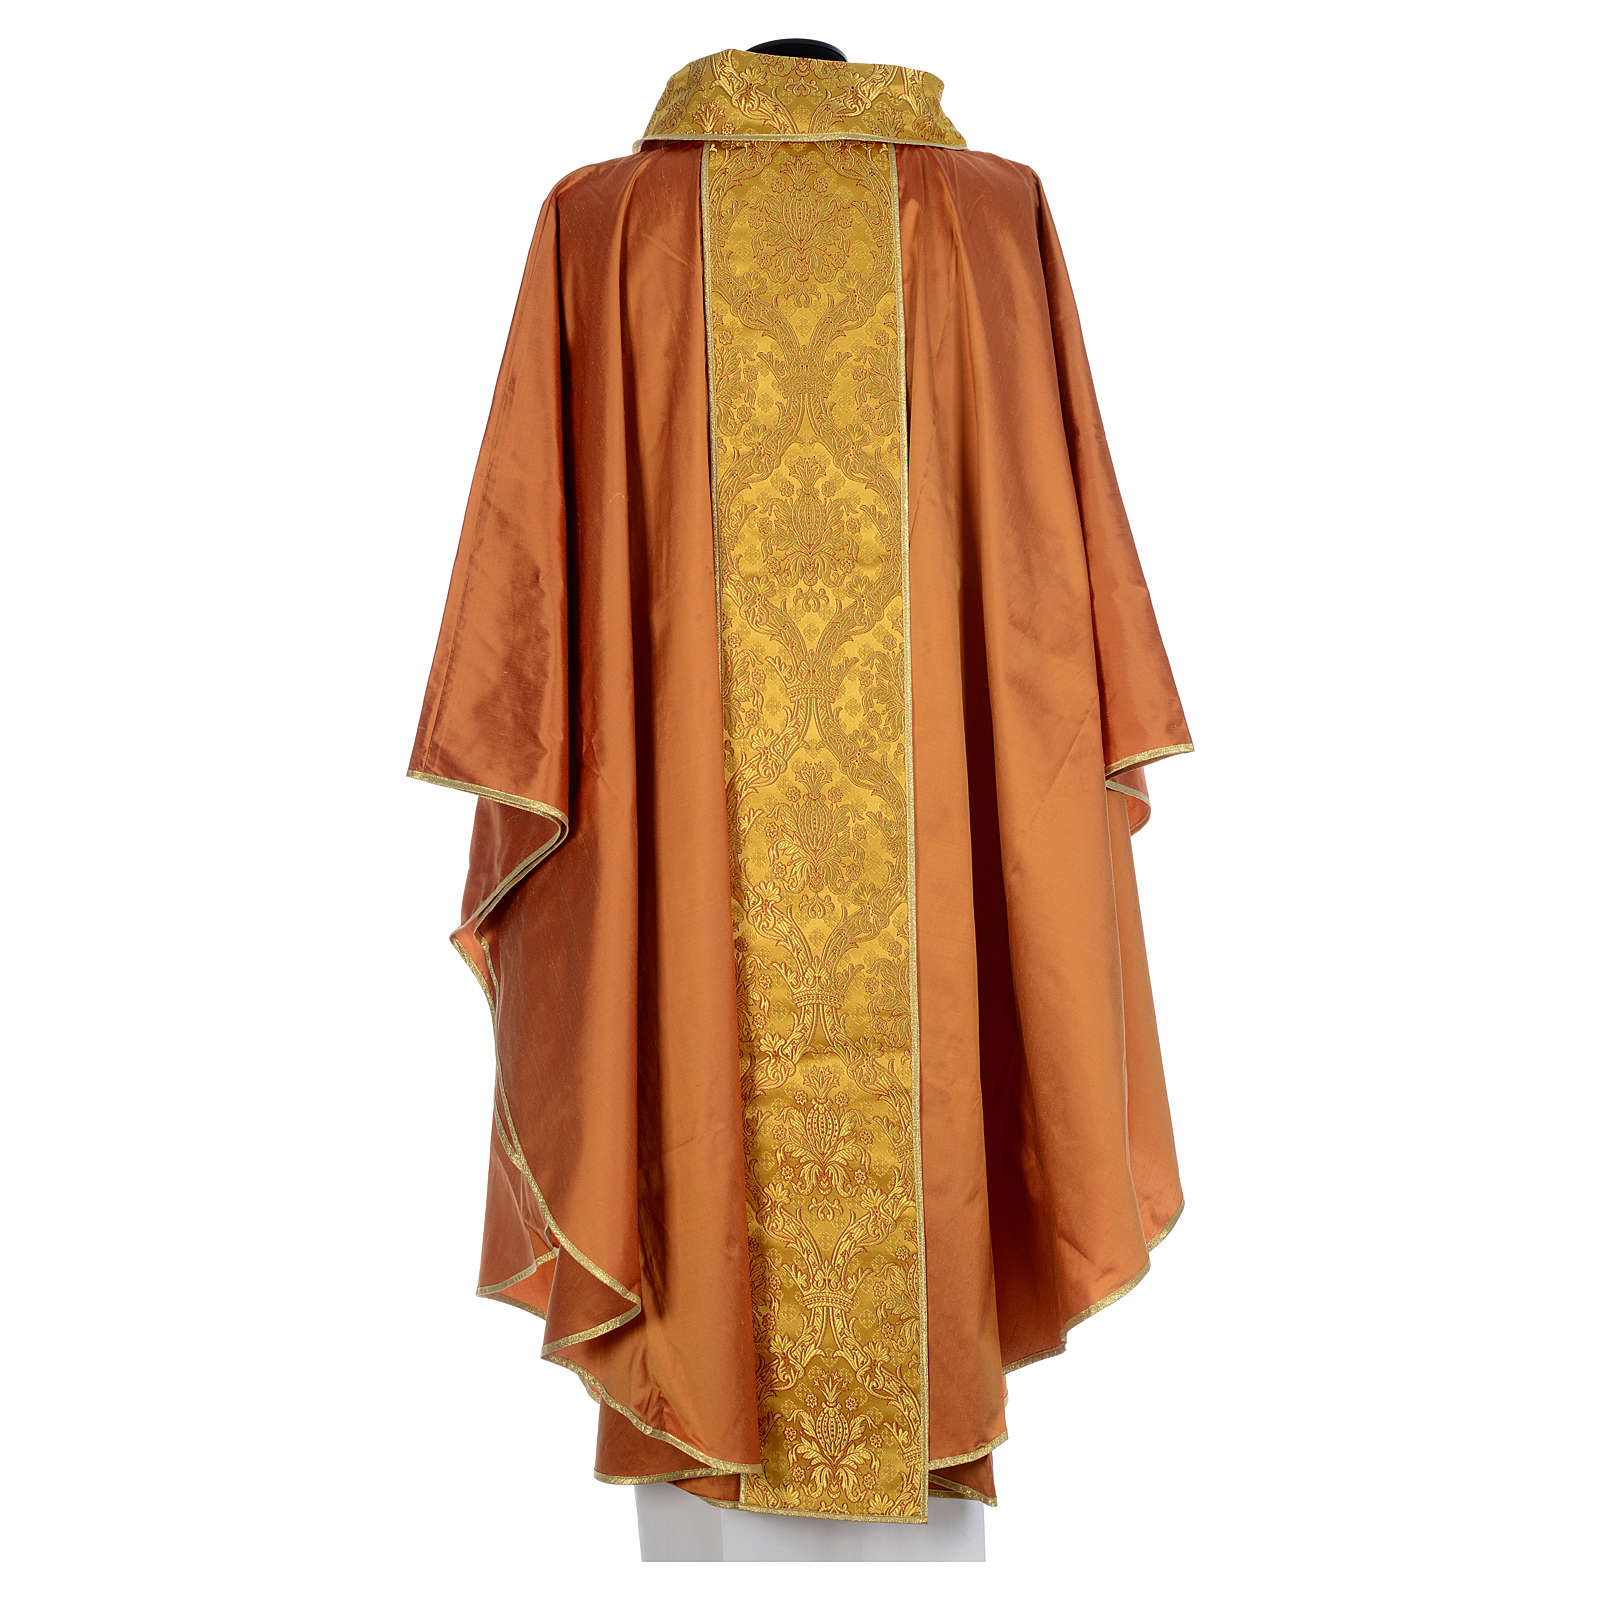 Casula sacerdotale seta oro 100% ricamo dorato 4